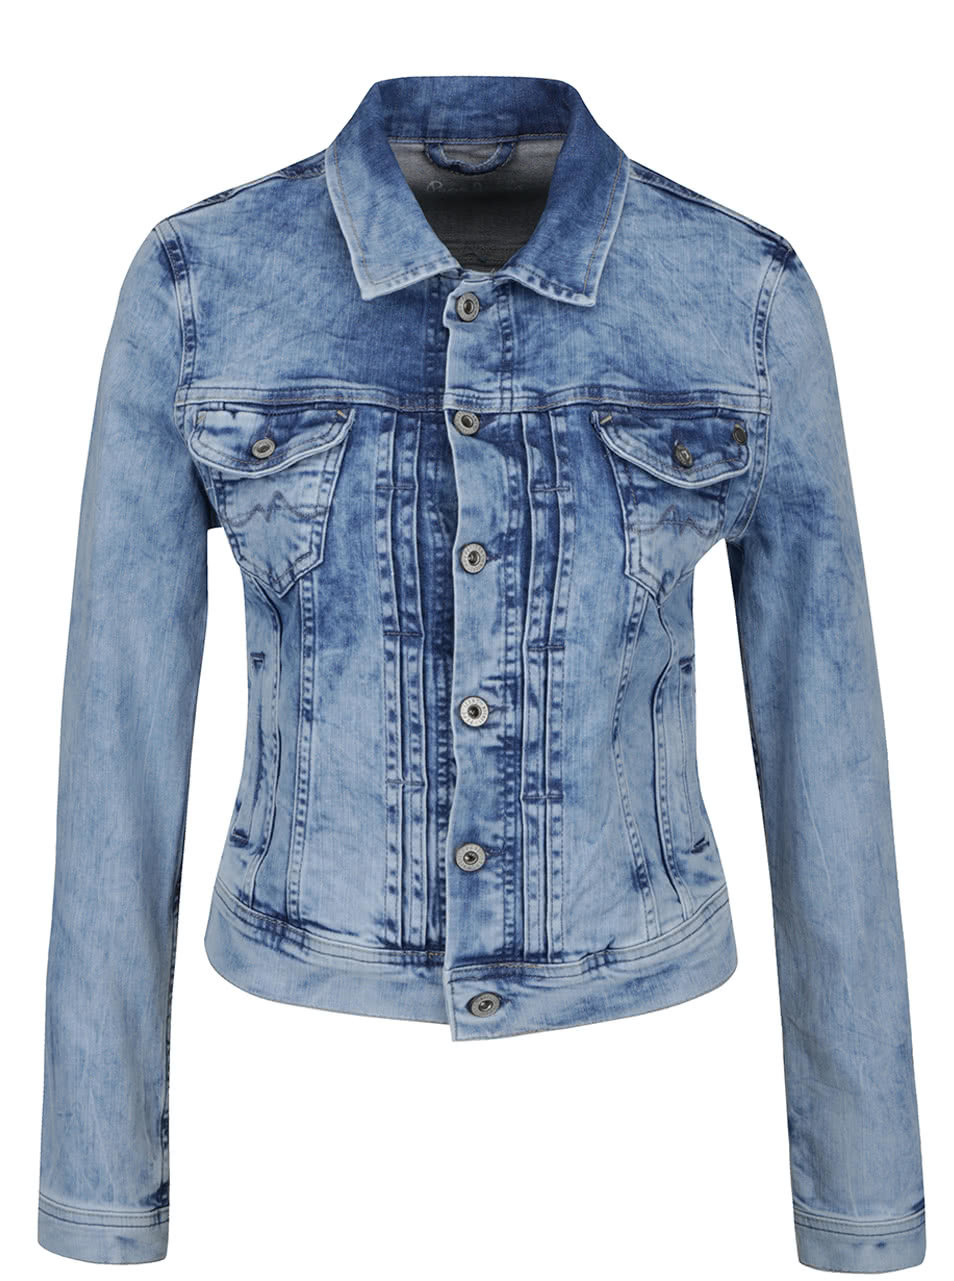 bdc36c9a50b Světle modrá dámská džínová bunda Pepe Jeans Mikas ...